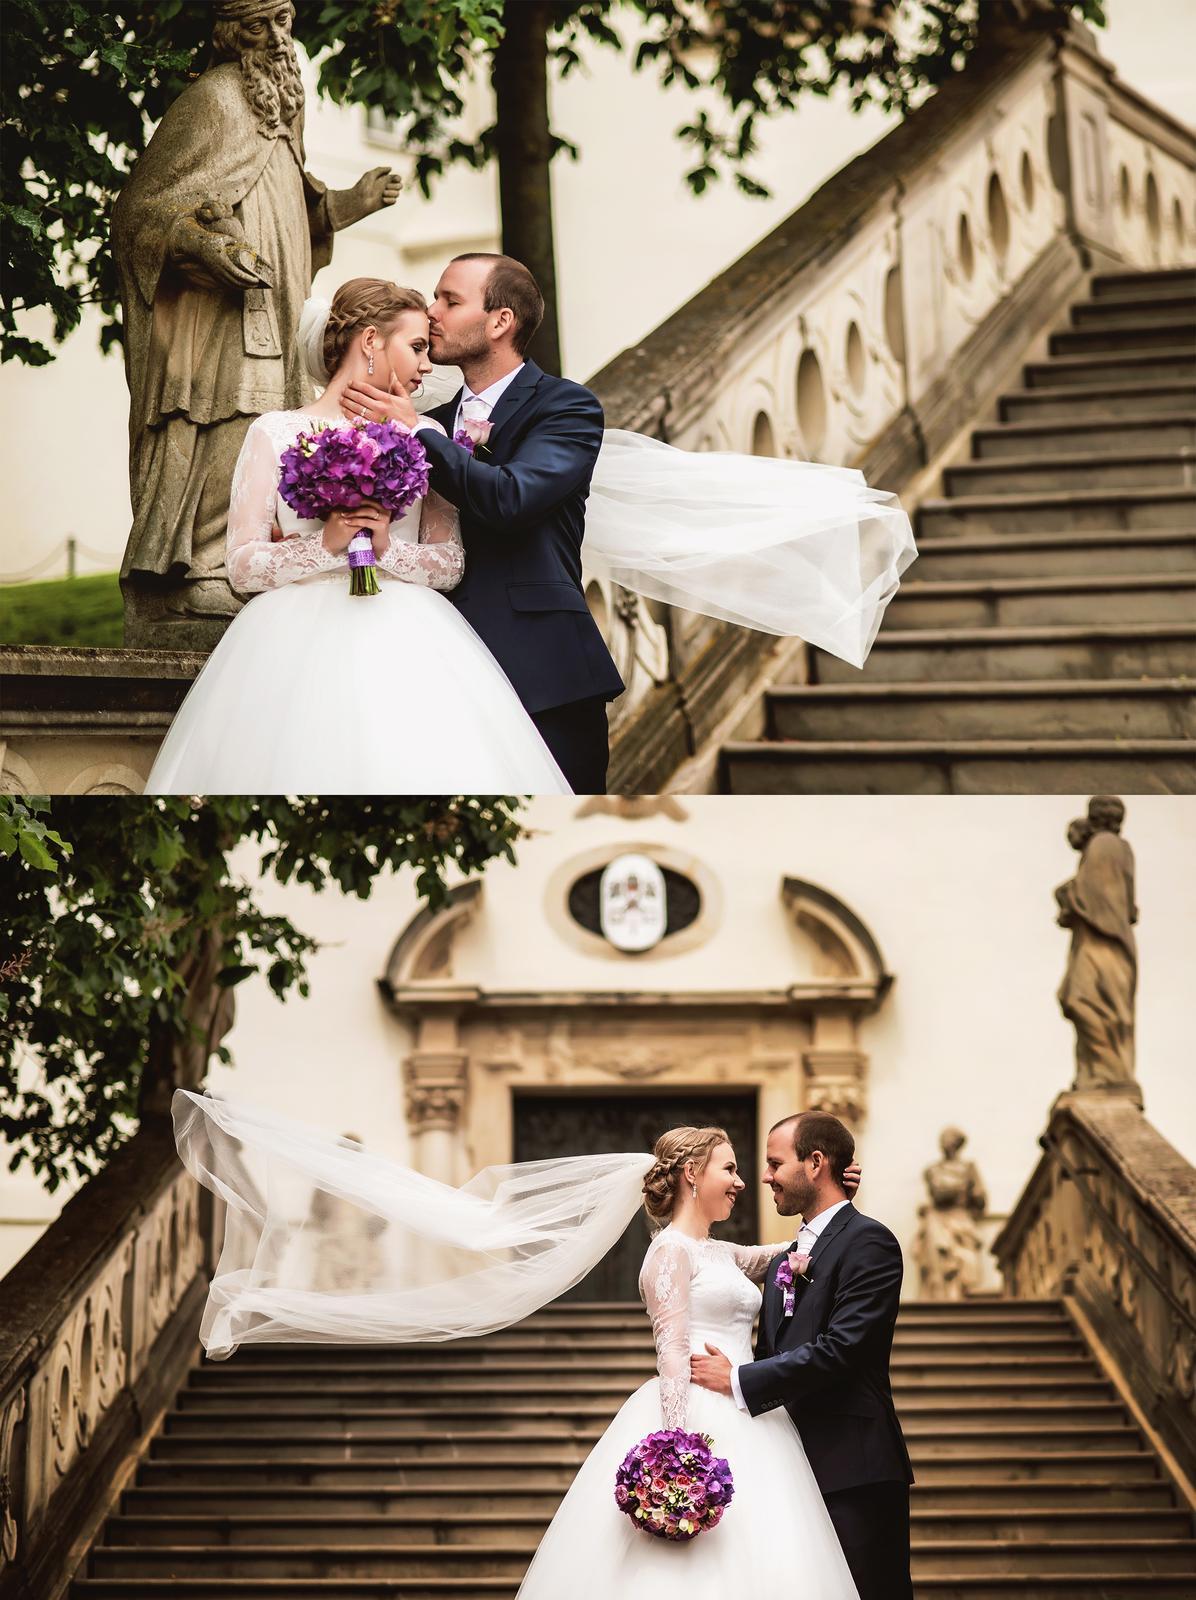 dobrý deň termín svadby... - Obrázok č. 3